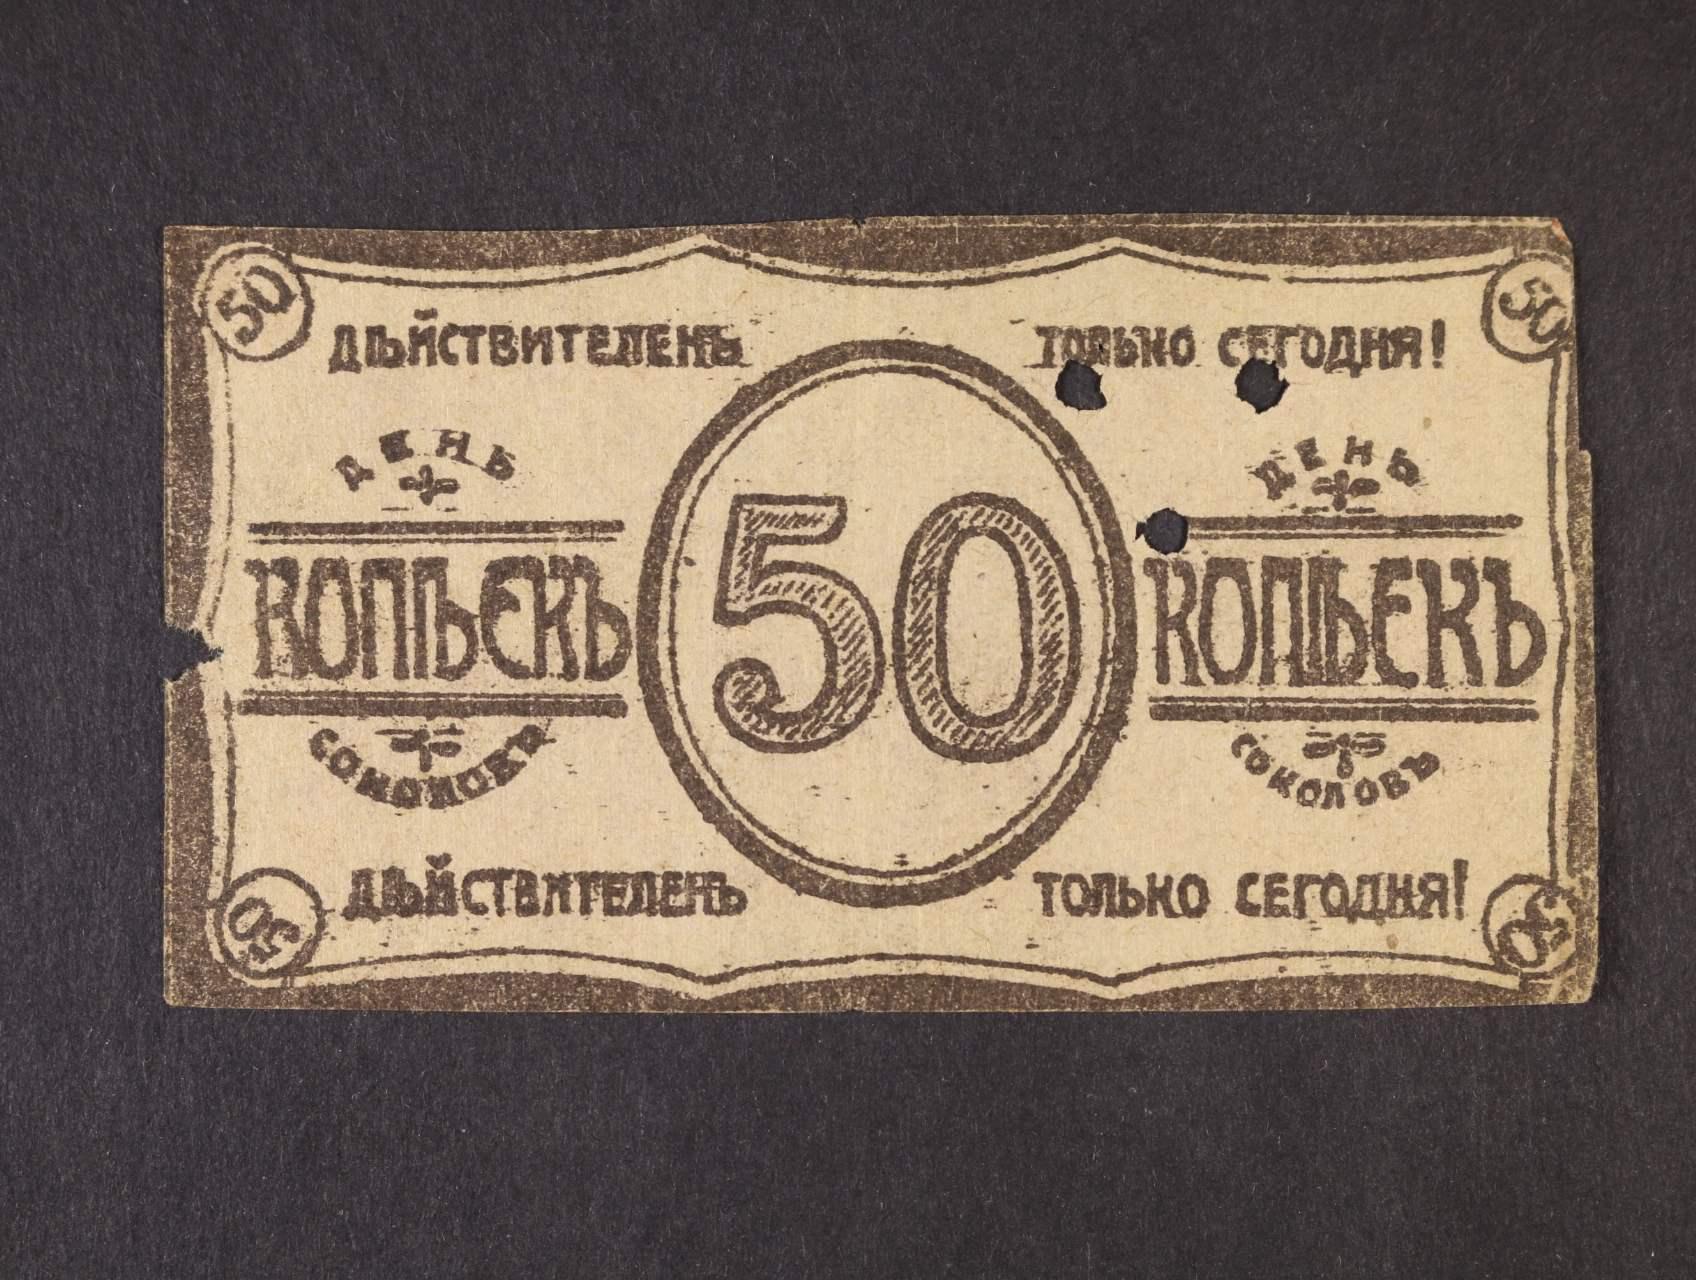 Legionářské poukázky, Irkutsk, Den sokolů 50 Kop. b.d.(1919) platí pouze dnes, perforovaná 3x perf. otvor vpravo, vlevo drobné vytržení